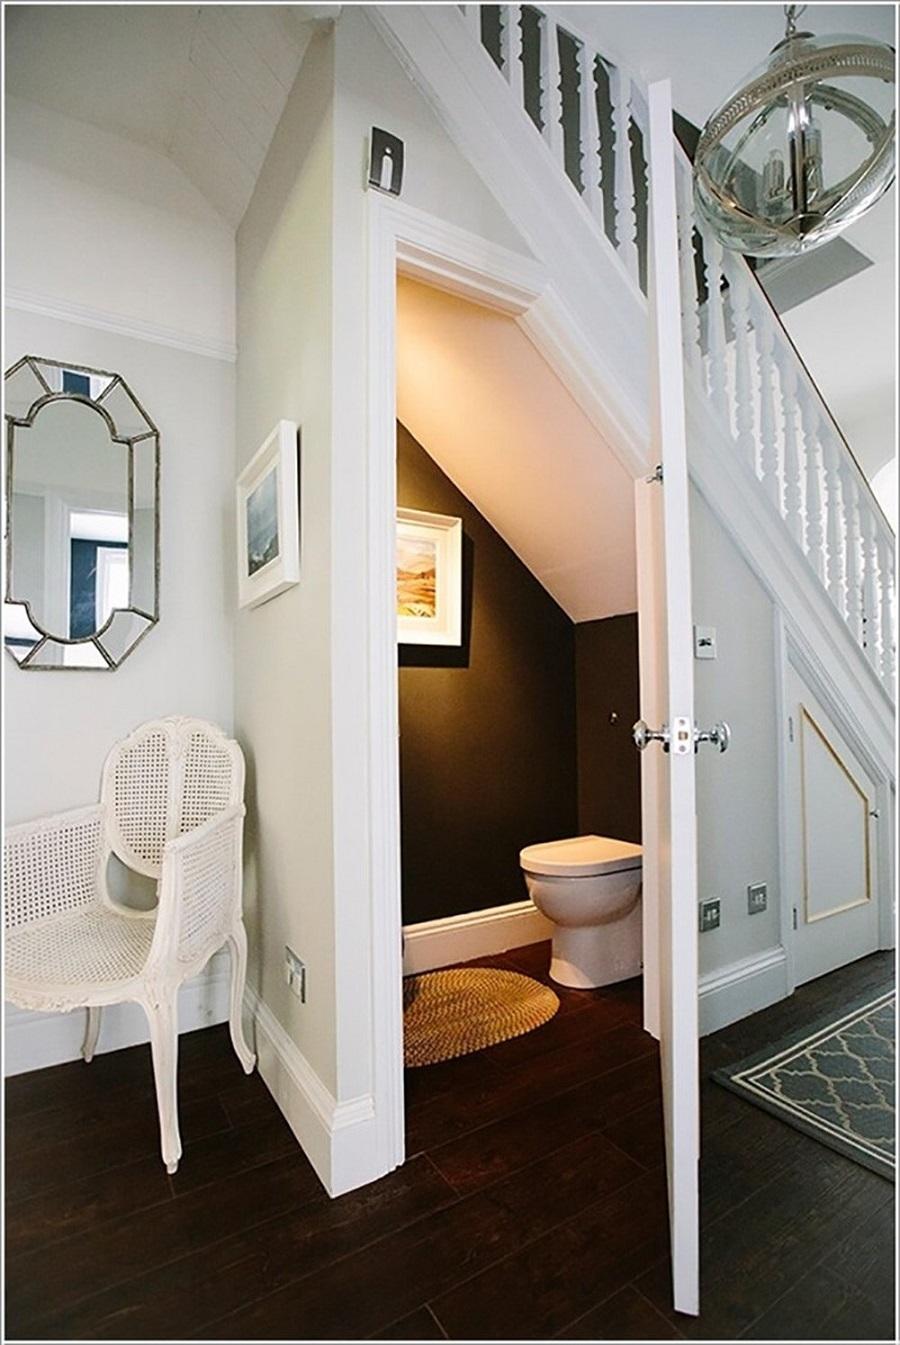 Nên chú ý đến vị trí giữa phòng tắm và cầu thang